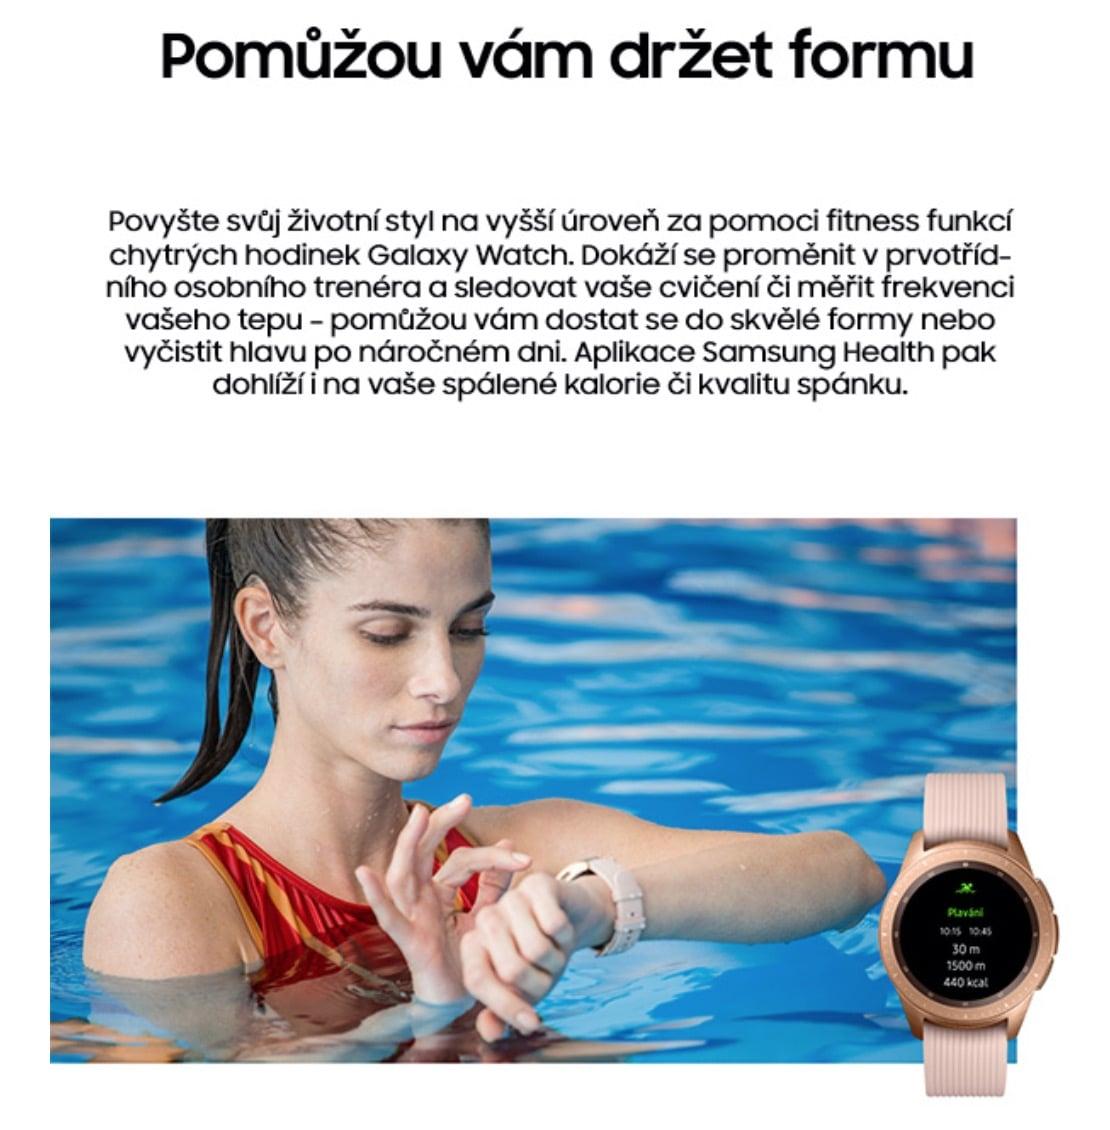 Chytré hodinky Samsung Galaxy Watch 42mm - obě barvy